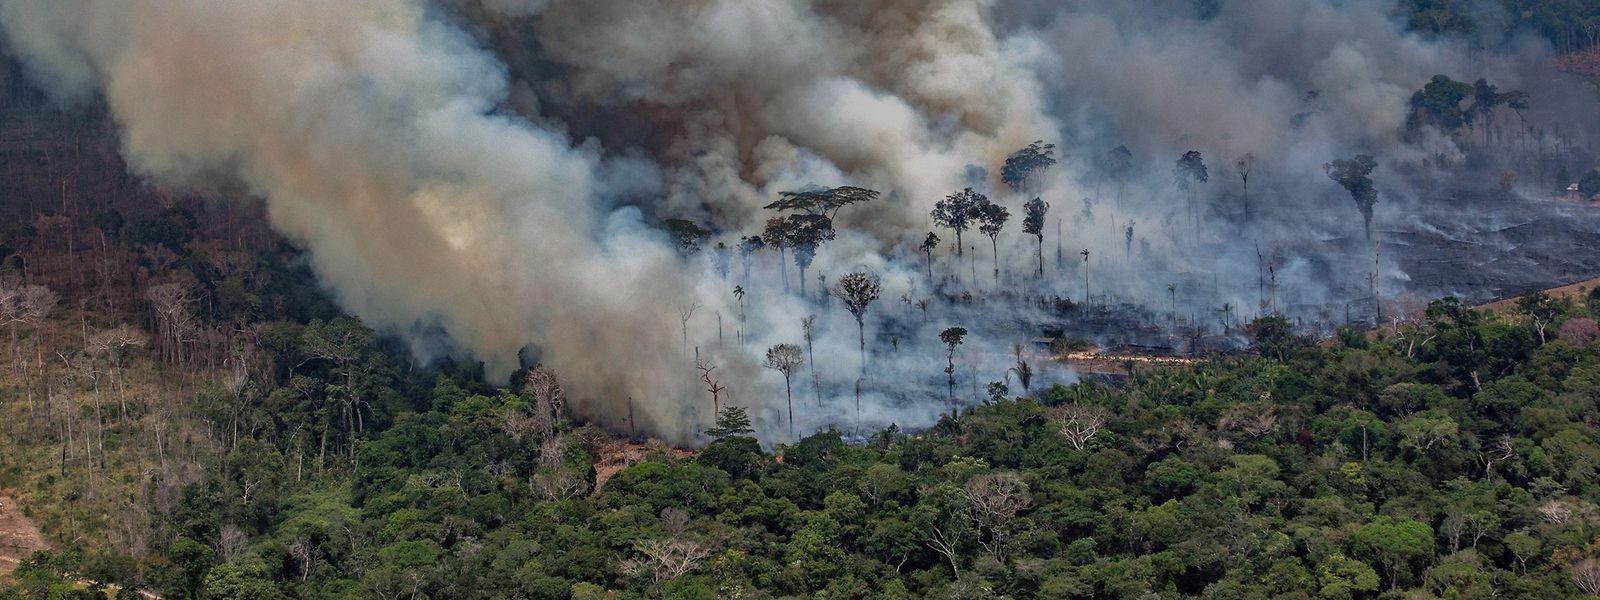 """Der Amazonas, die """"grüne Lunge"""" des Globus, brennt. Die Weltgemeinschaft muss eine Lösung im Interesse aller finden."""